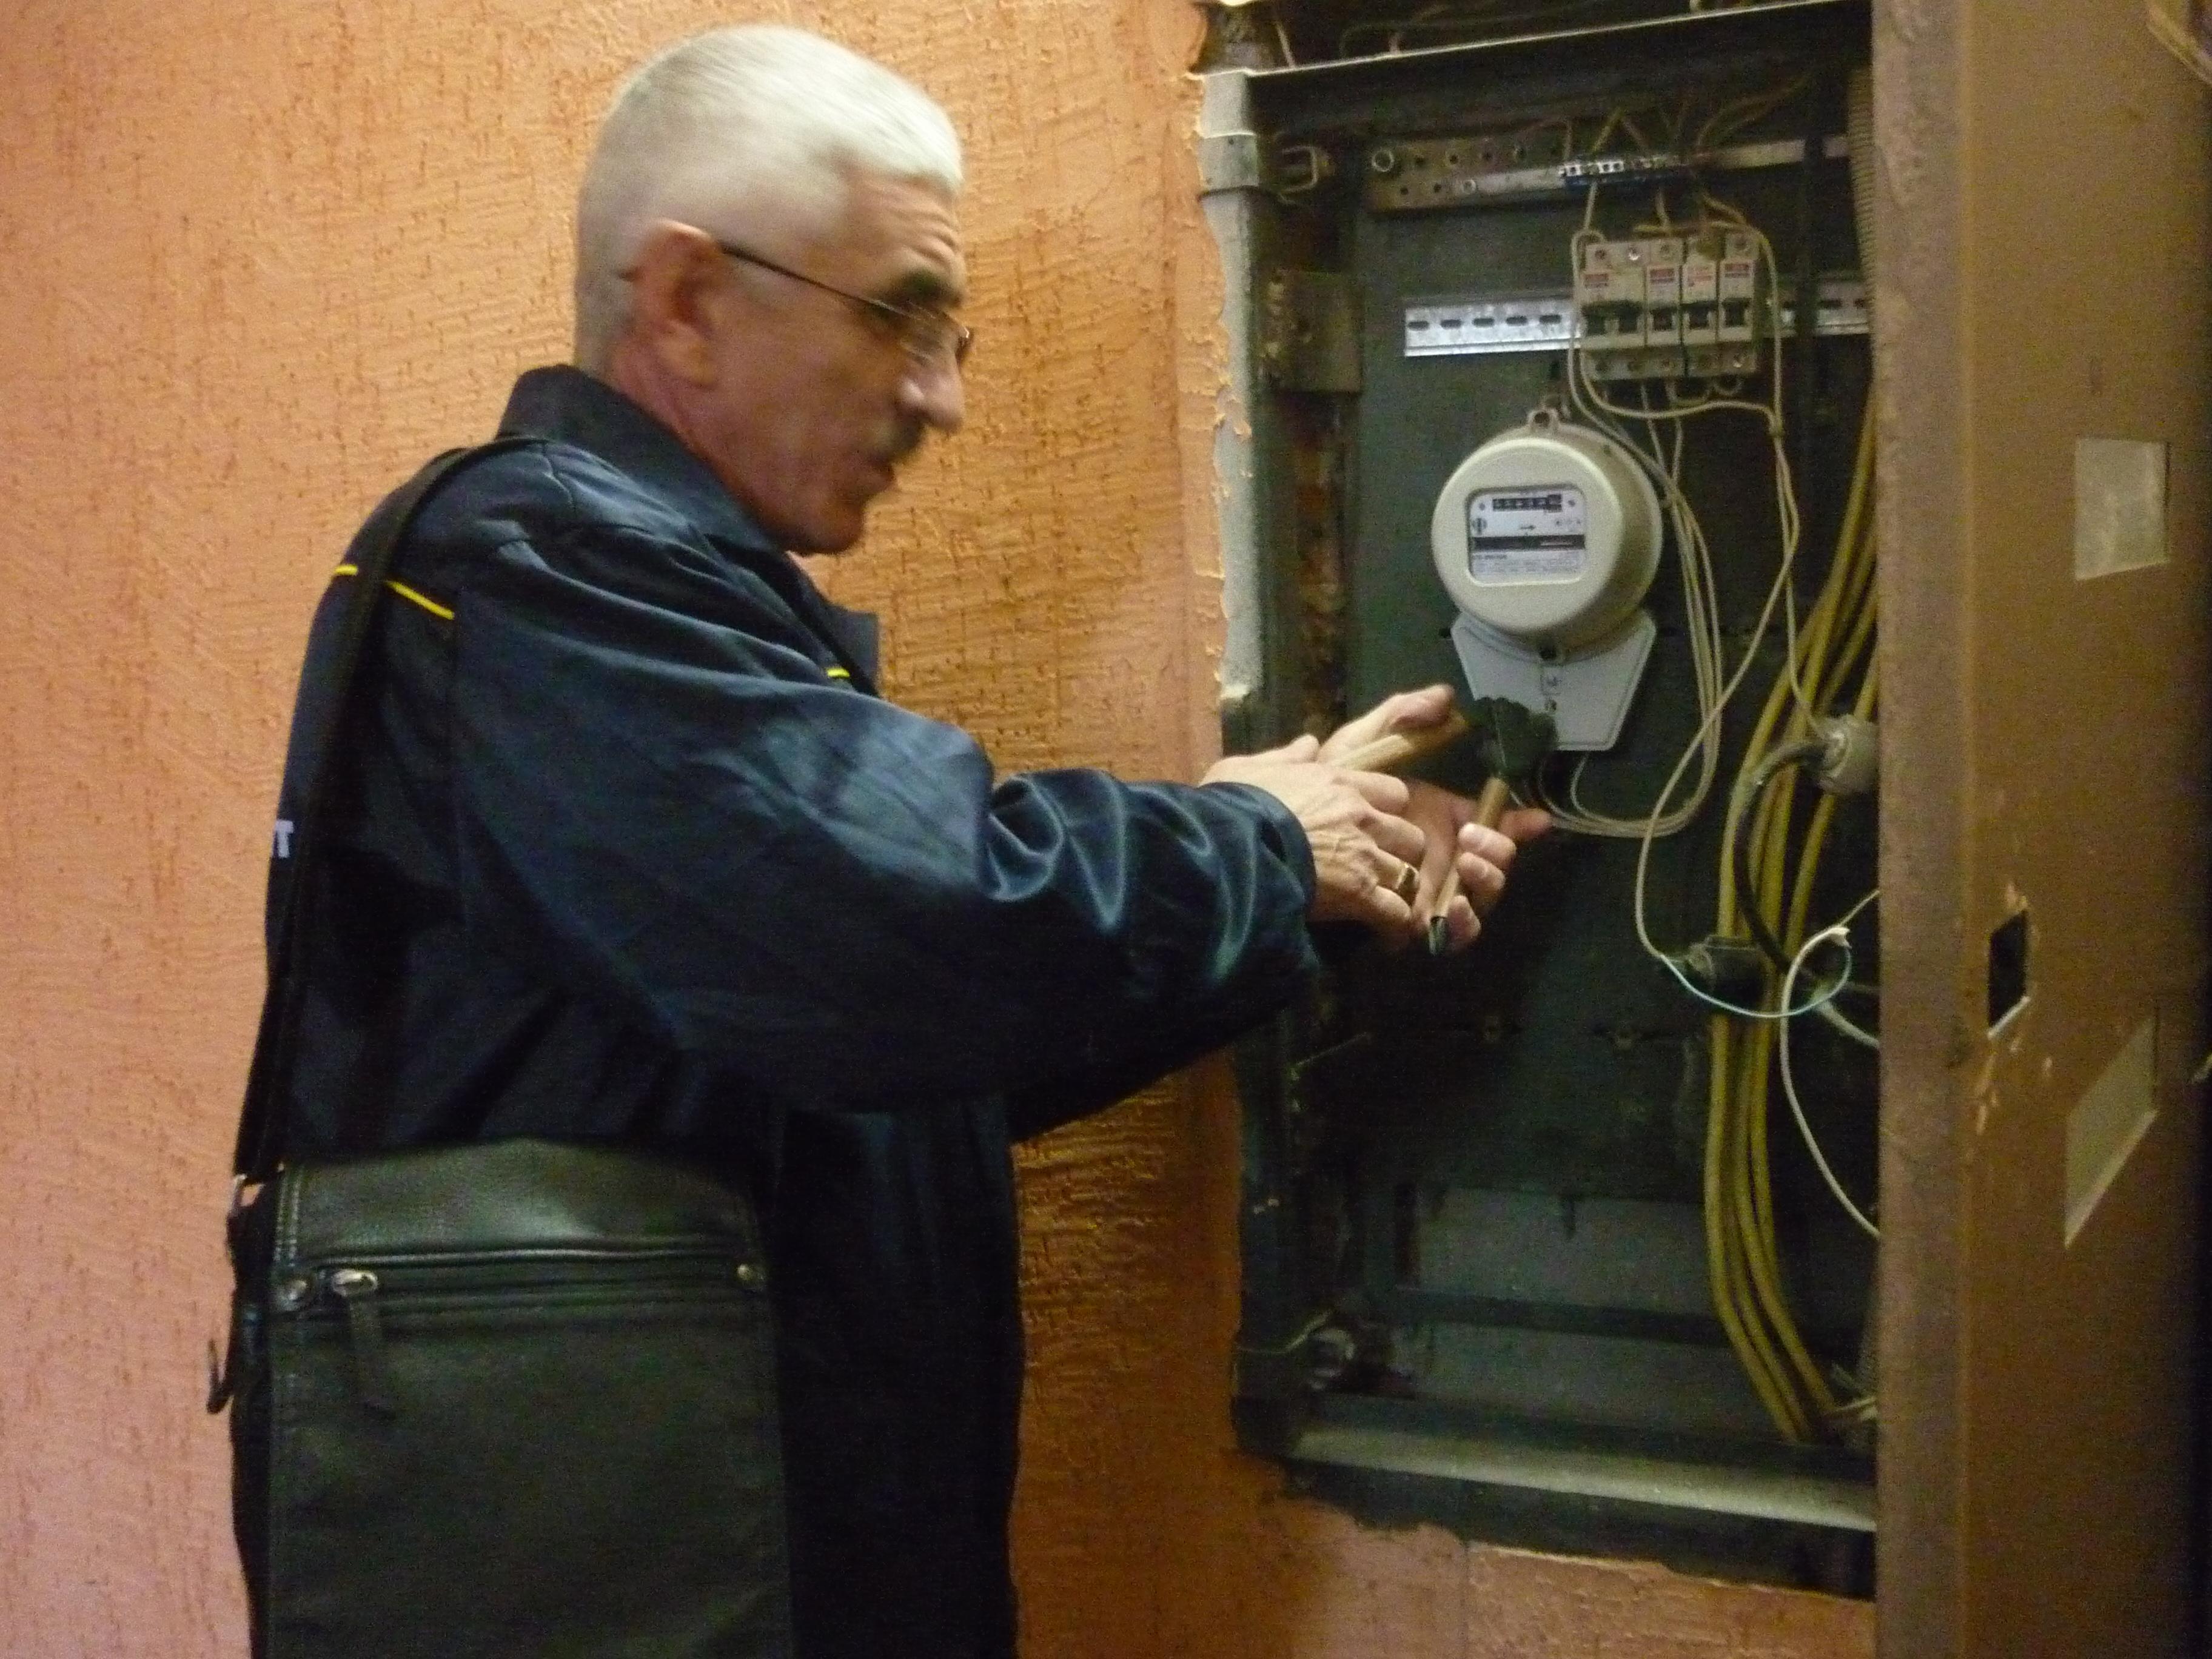 Как проходит поверка счетчиков электроэнергии?